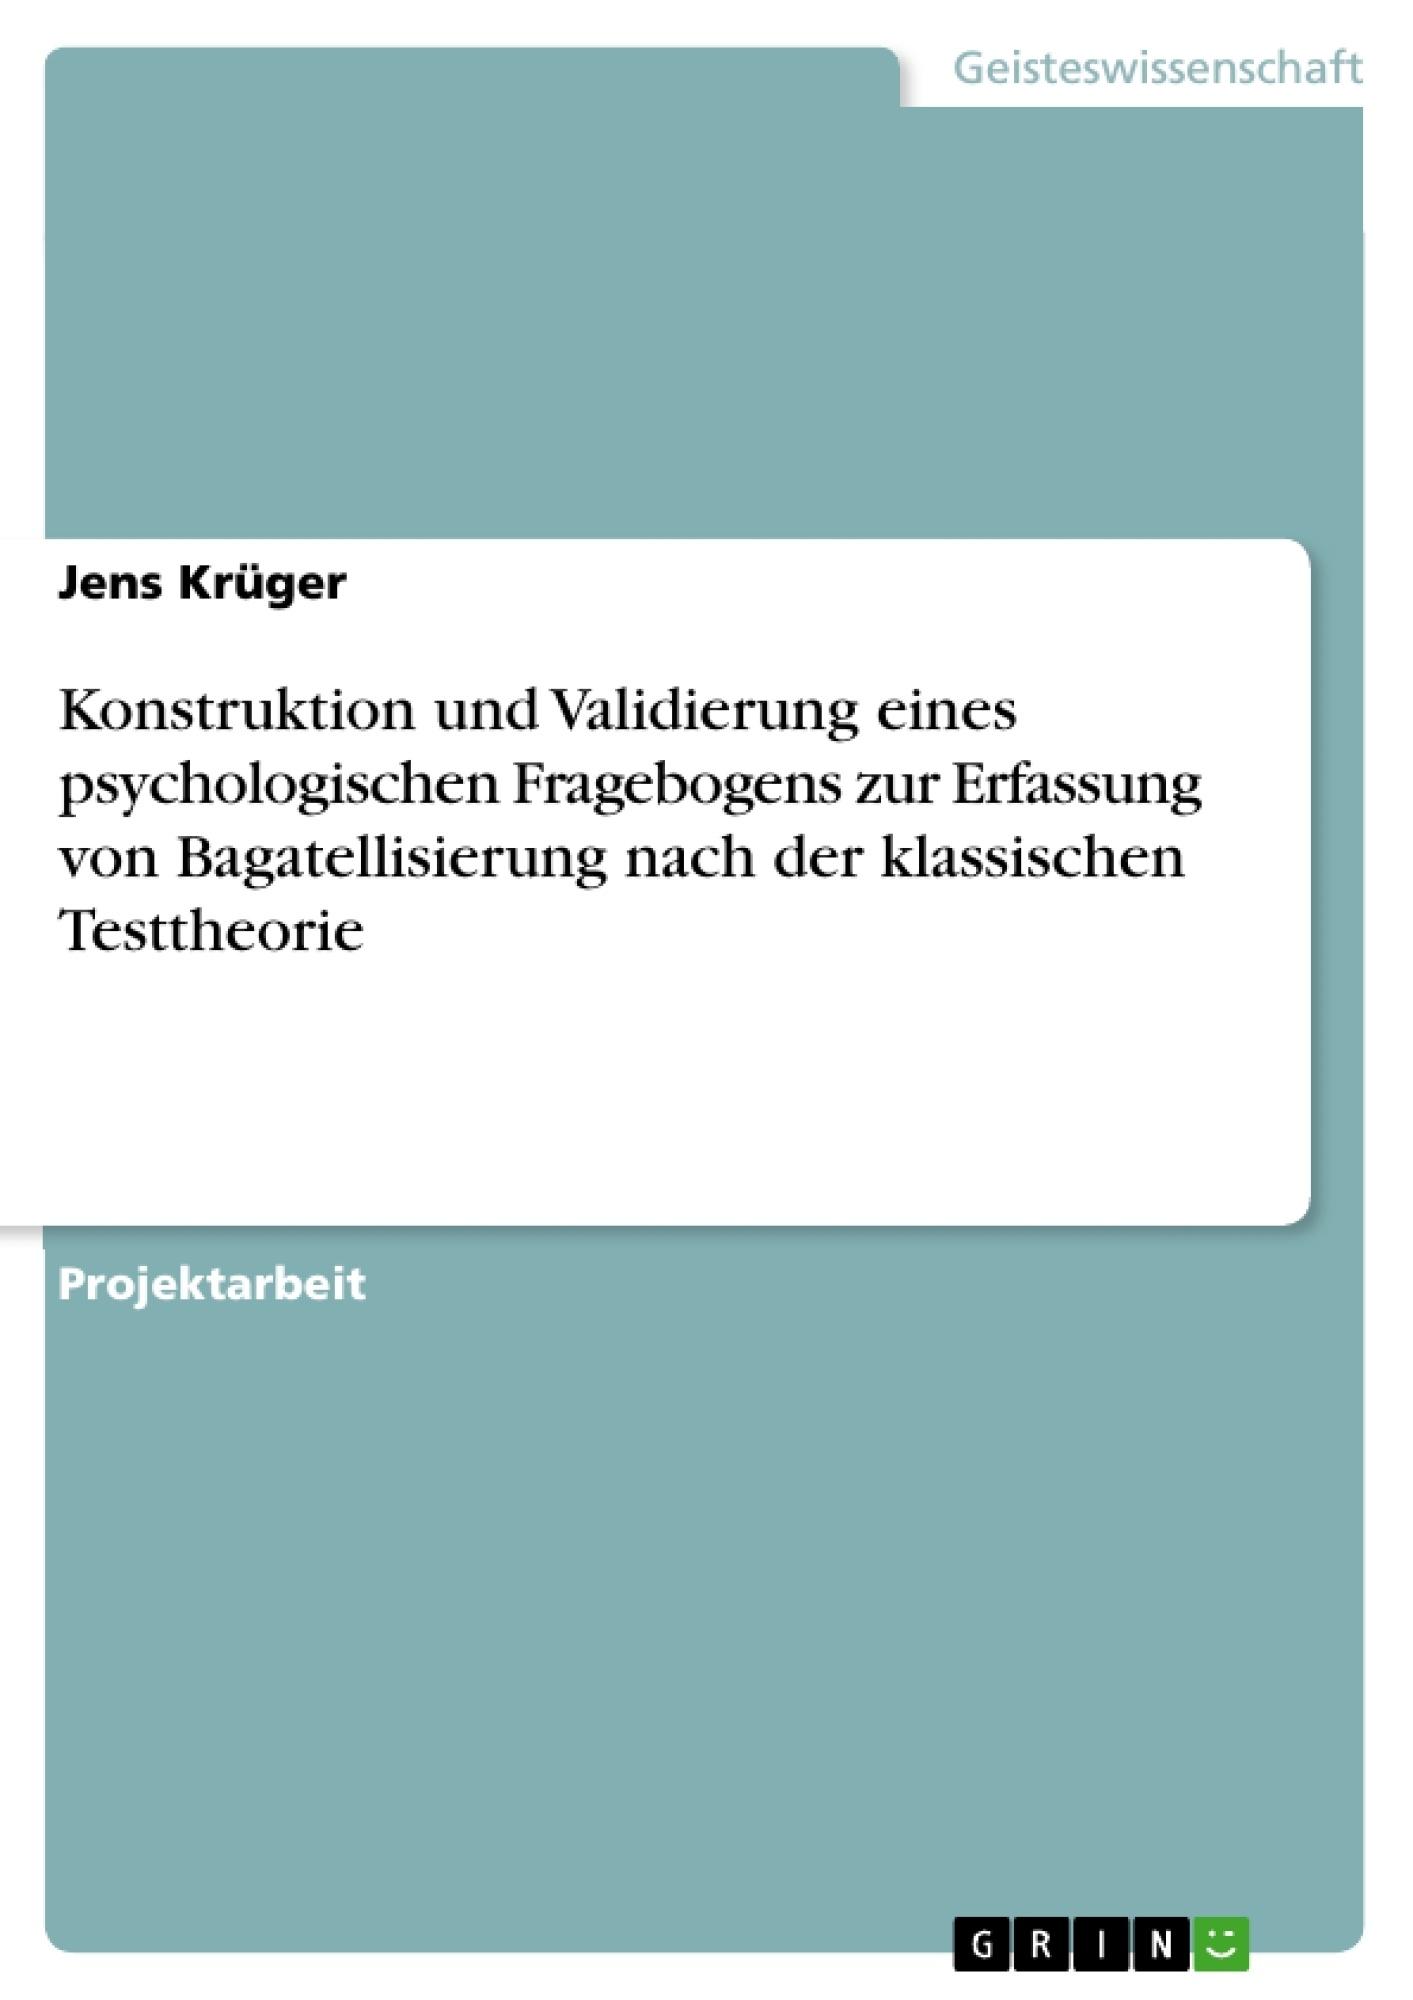 Titel: Konstruktion und Validierung eines psychologischen Fragebogens zur Erfassung von Bagatellisierung nach der klassischen Testtheorie